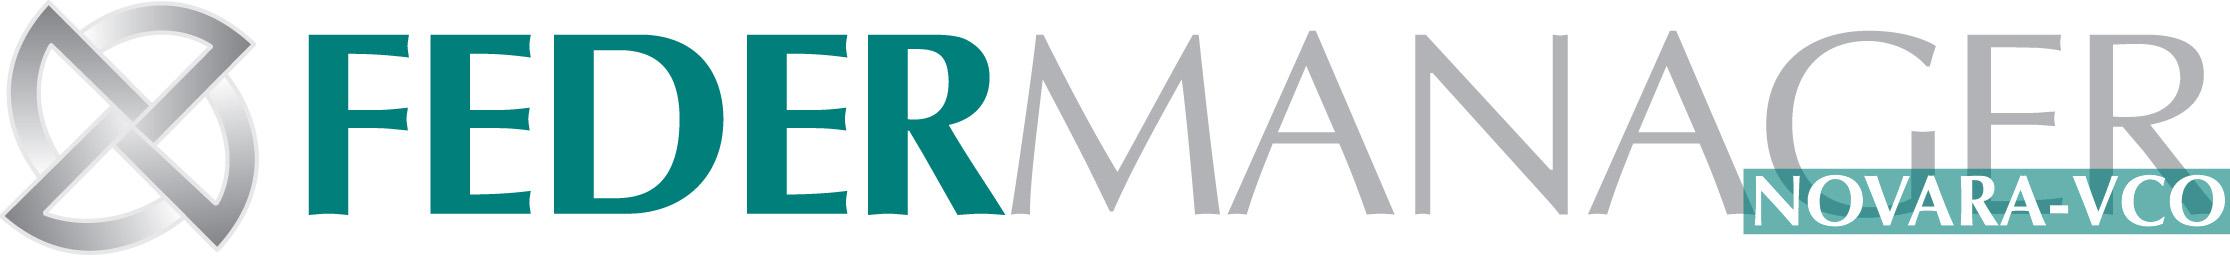 Logo Federmanager.png